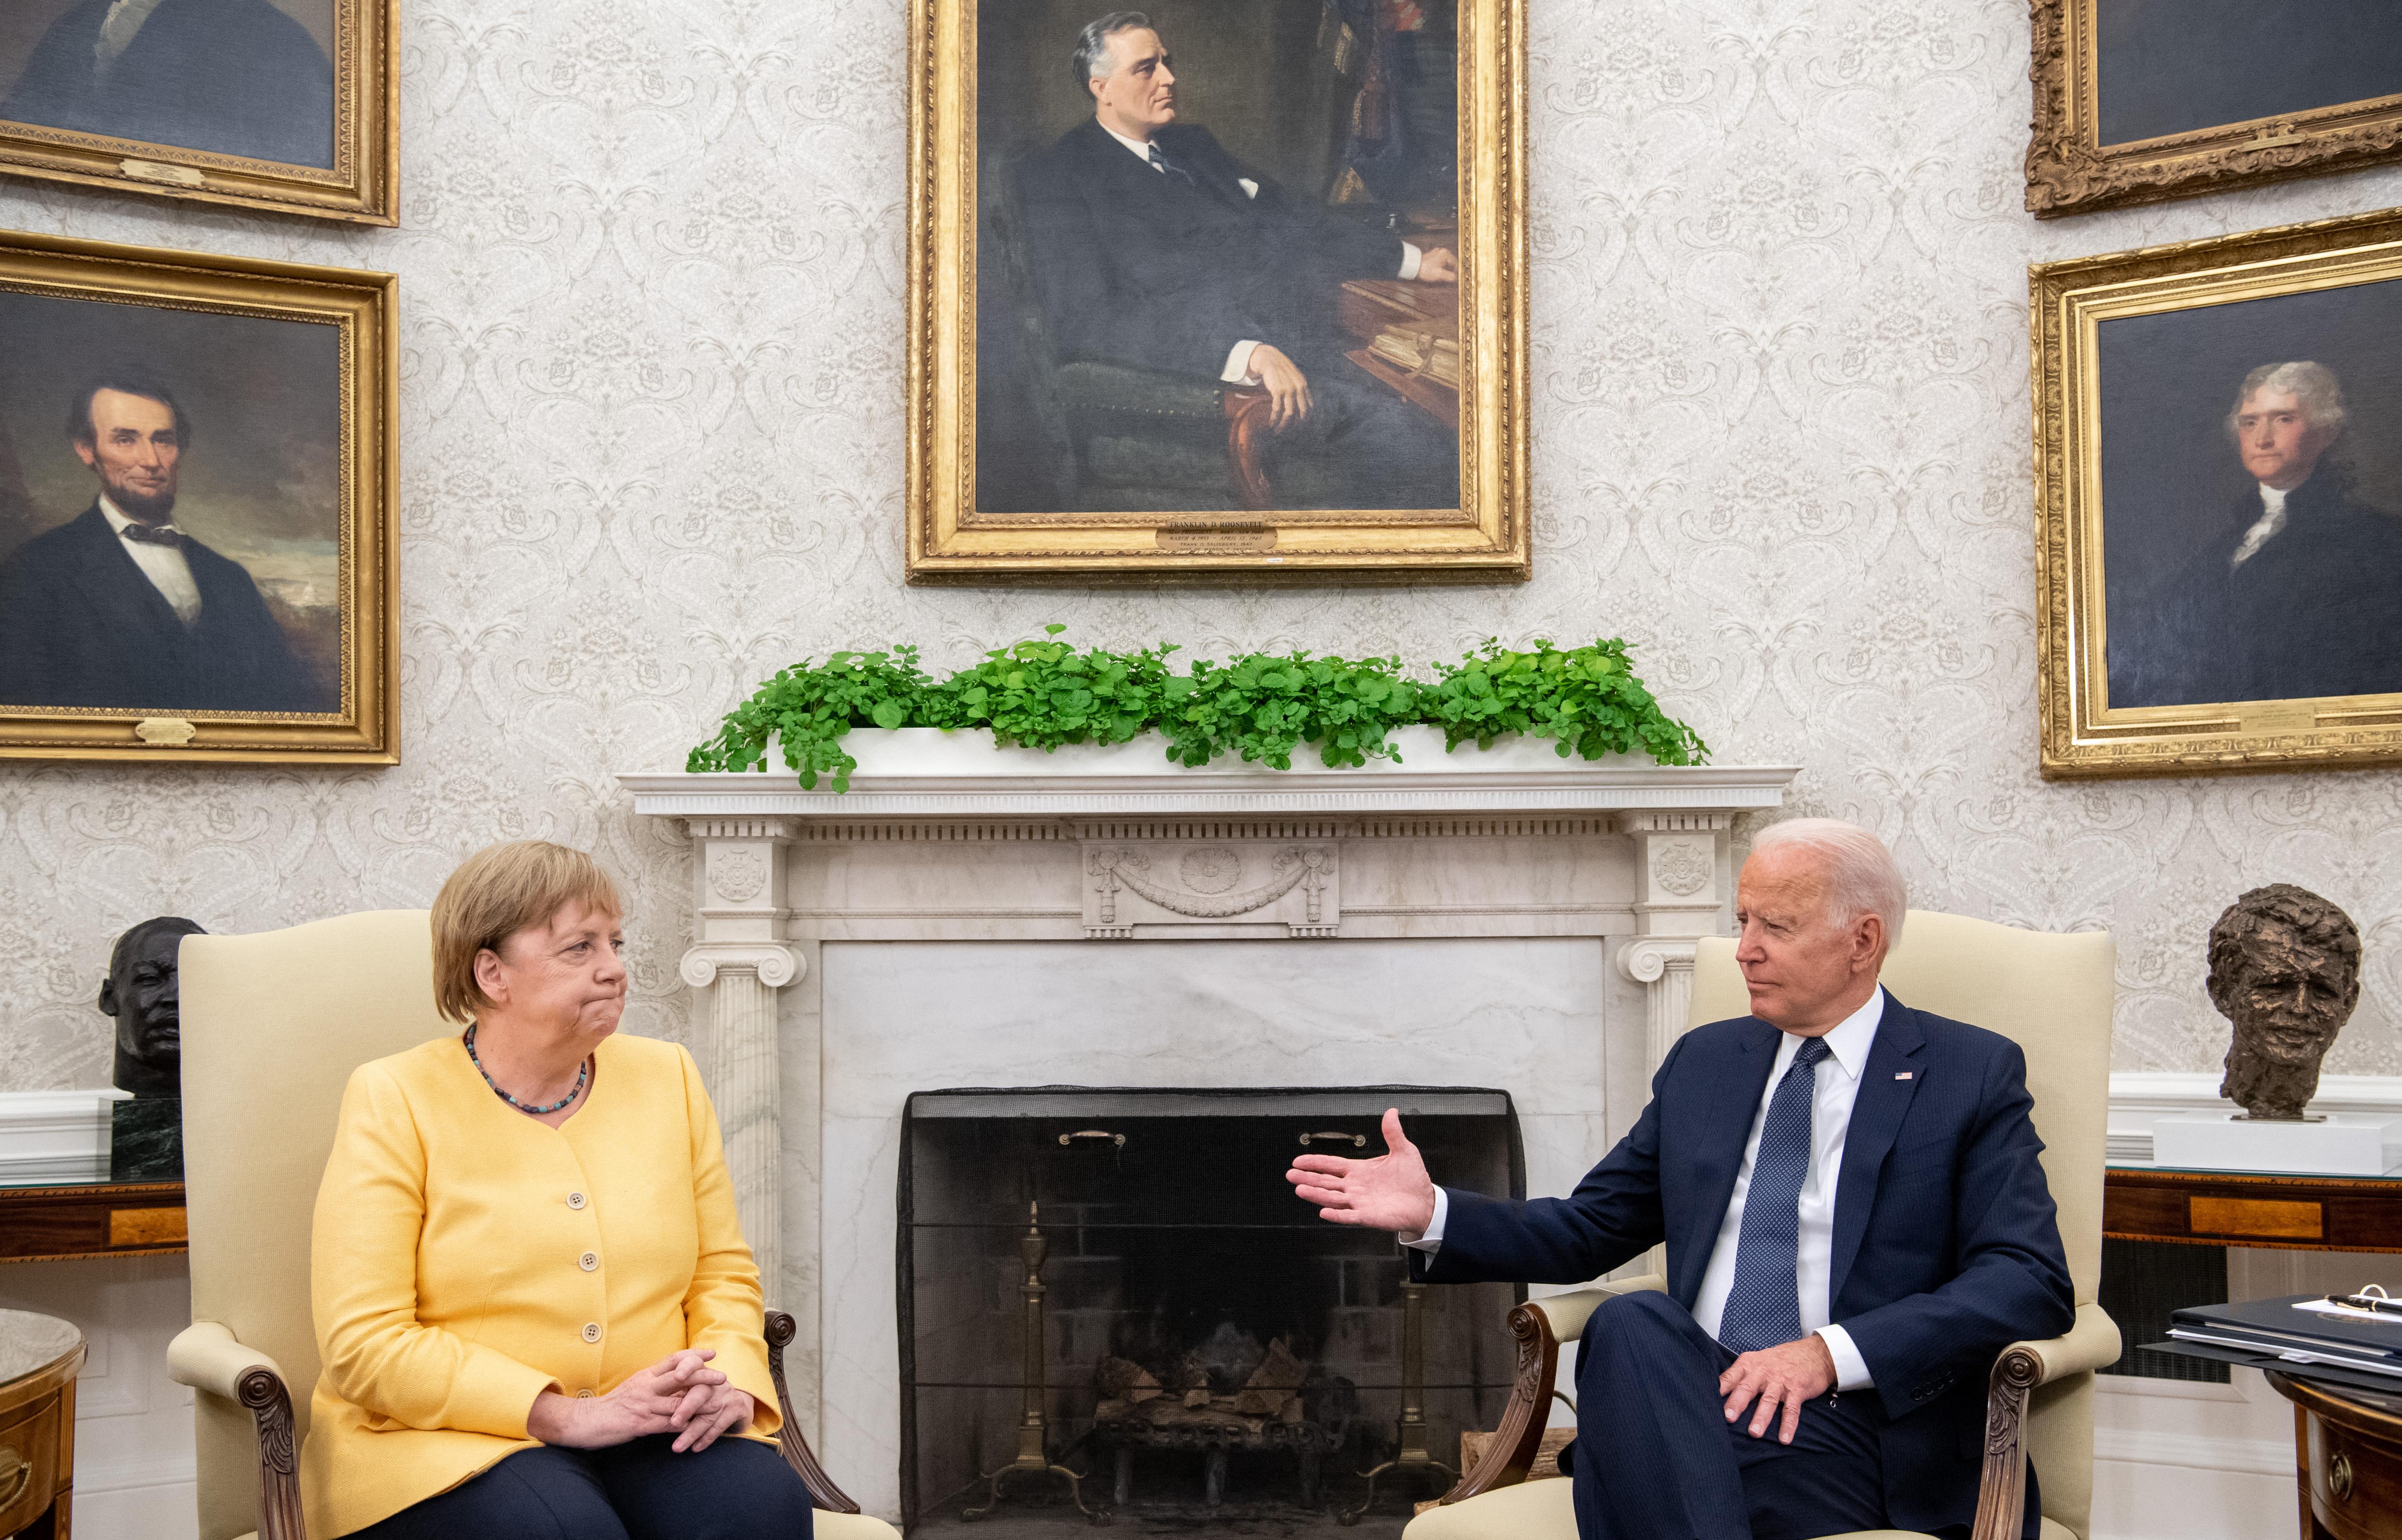 Európai vezetők elhamarkodottnak tartják az amerikai kivonulást